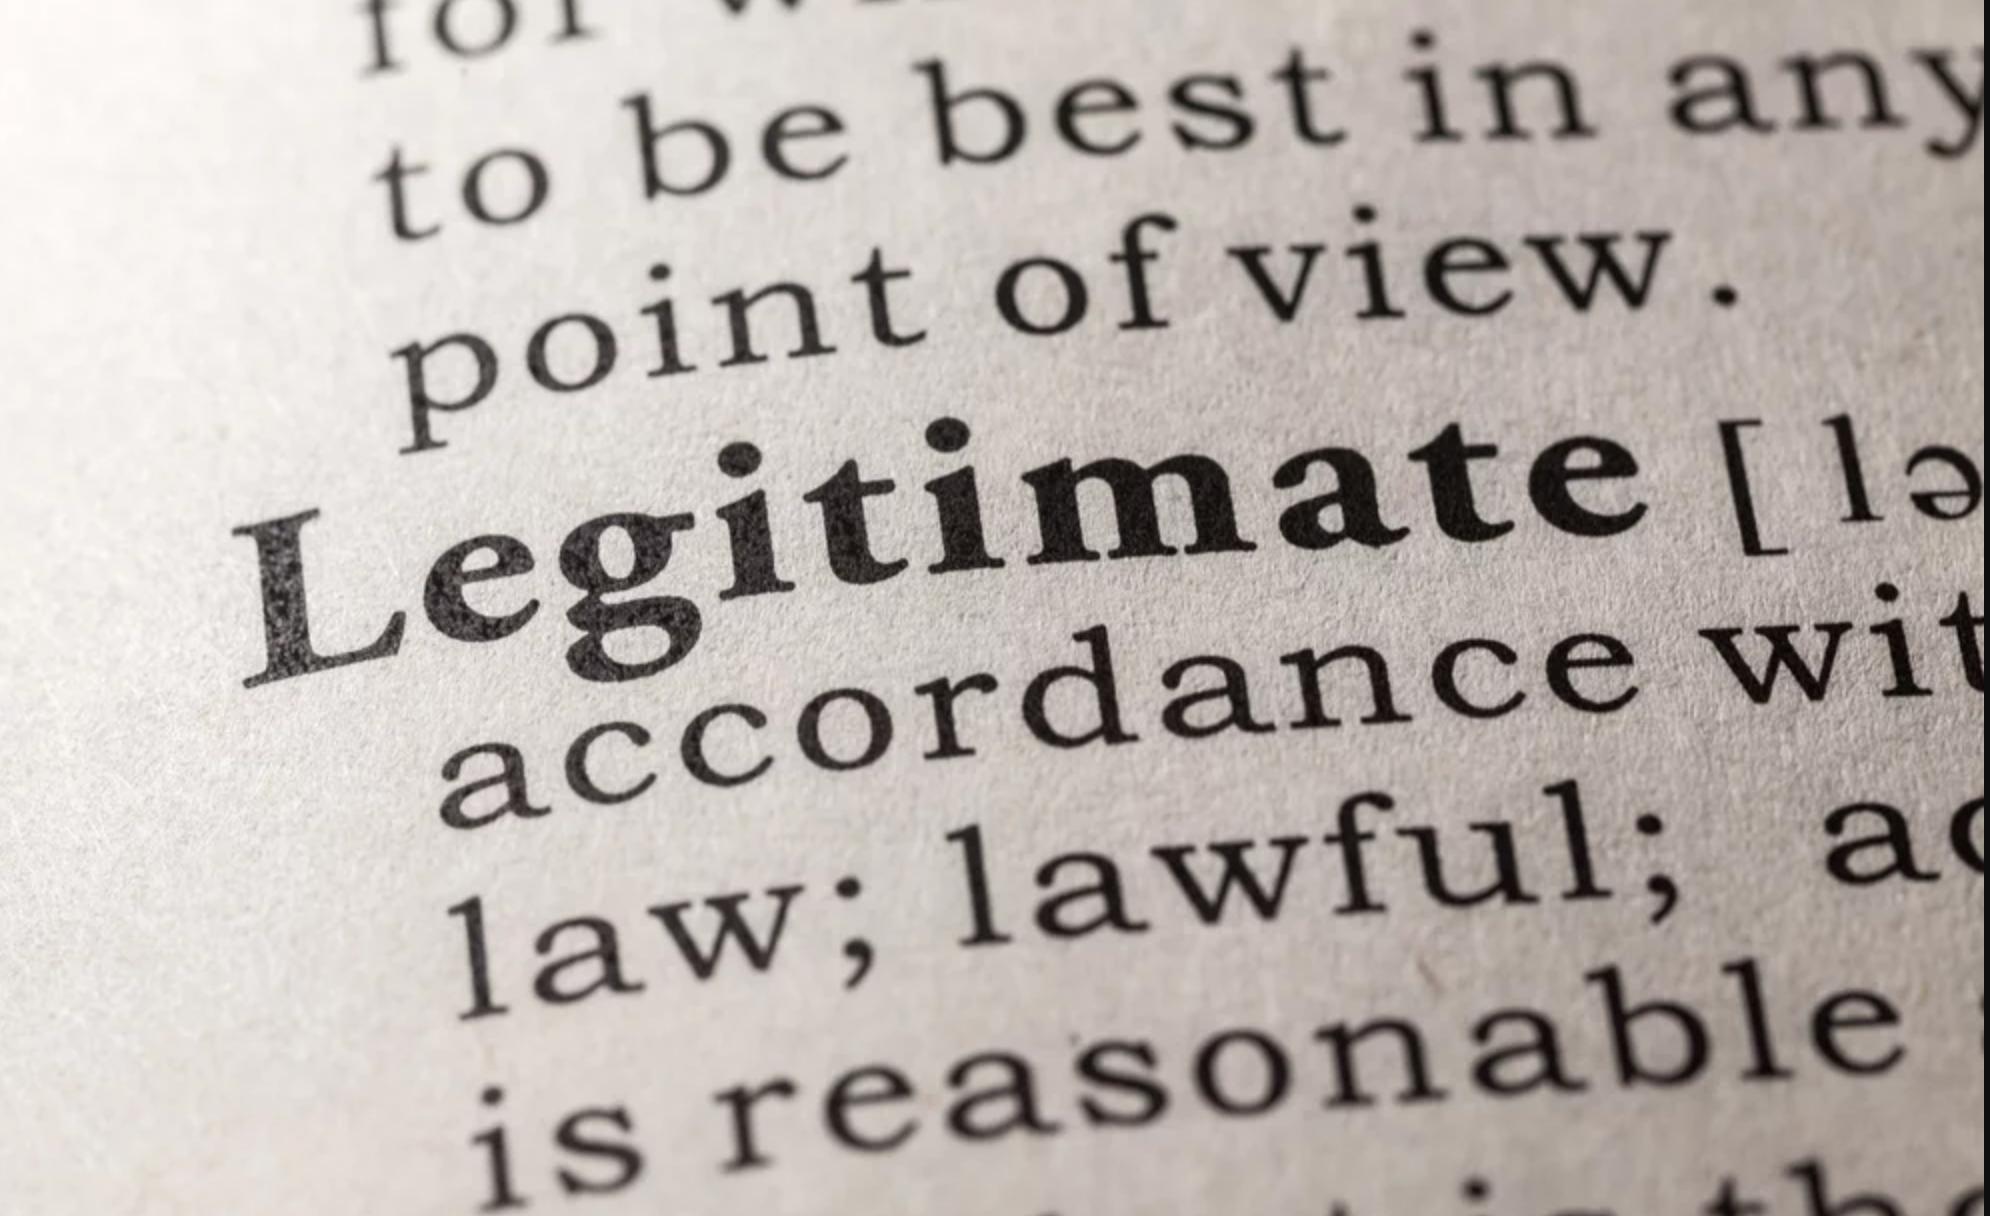 RGPD : L'intérêt légitime, un substitut séduisant en l'absence de consentement ?